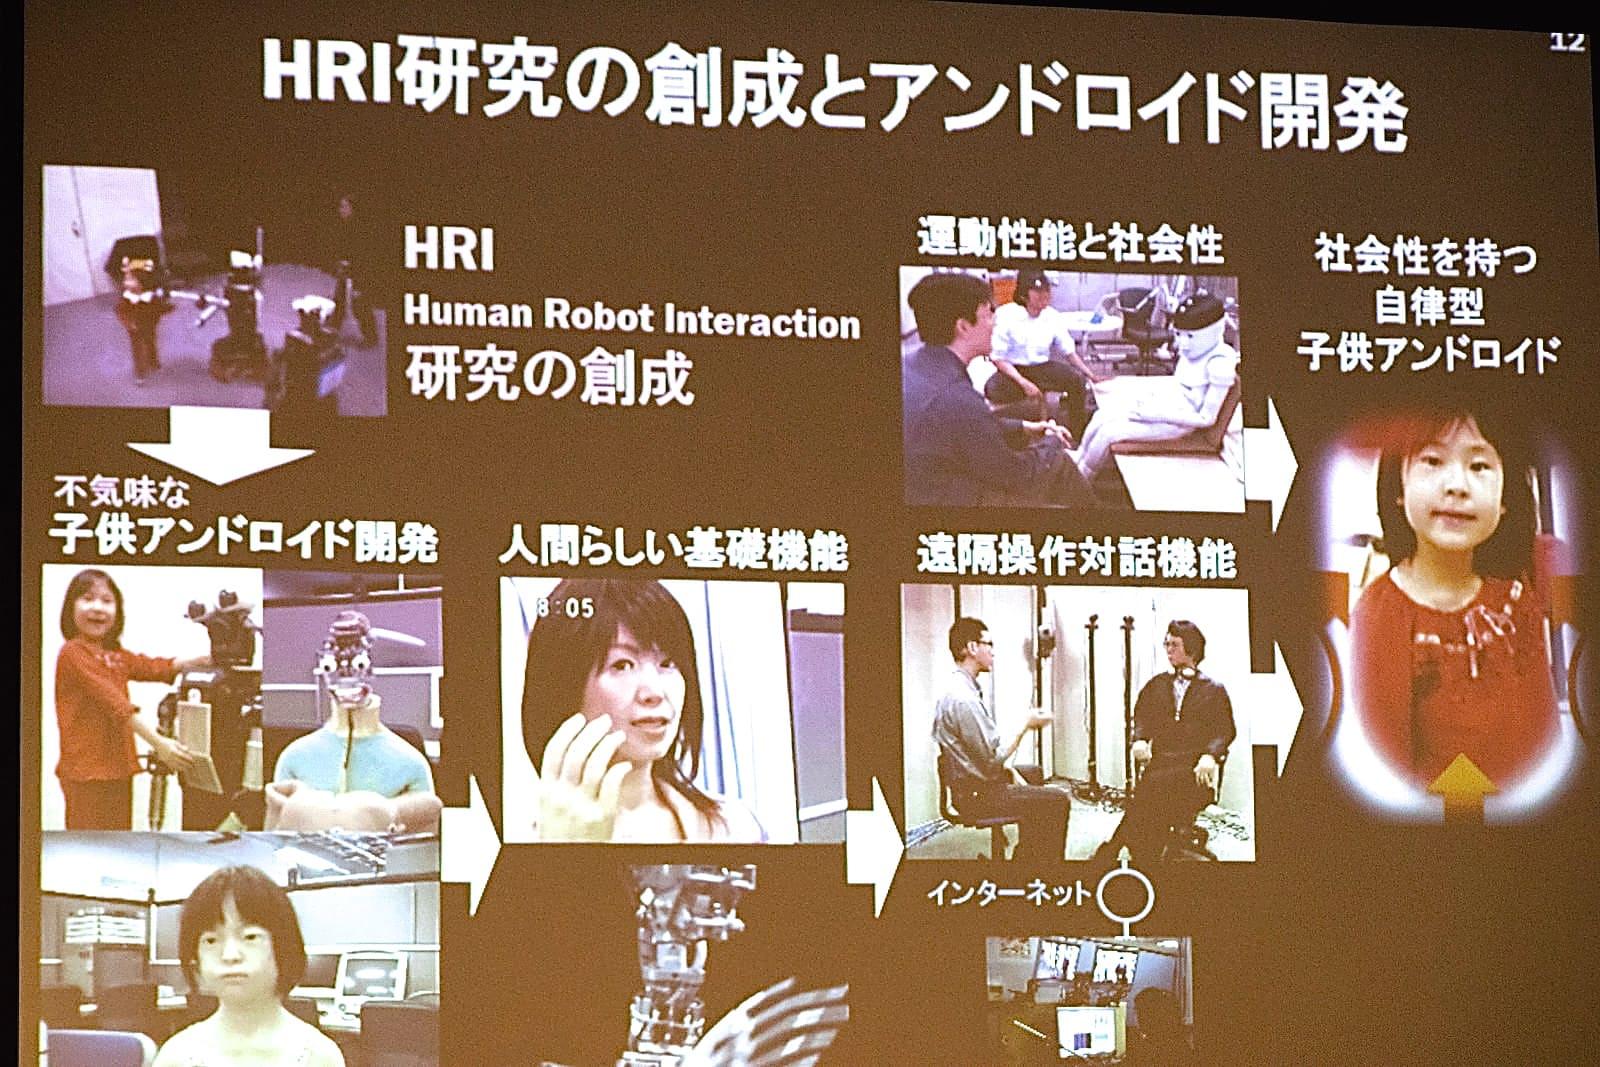 人と関わる人間型ロボットに支援されるロボット社会の実現